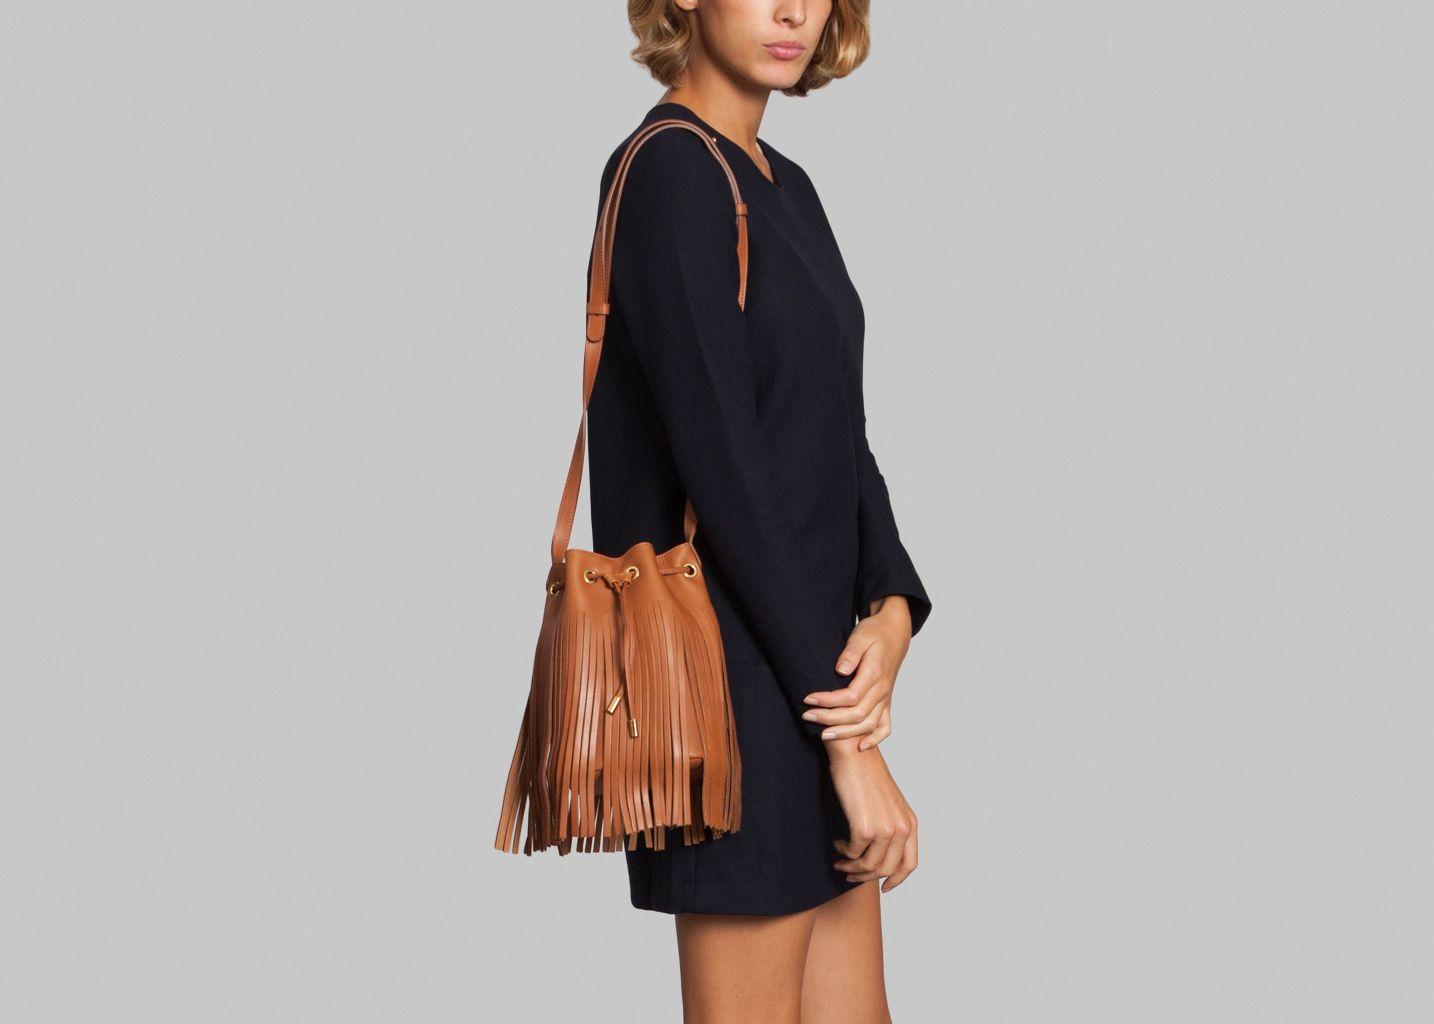 0d8fb68caa31 Eleonore Long Bag Caramel Olivia Clergue   L Exception